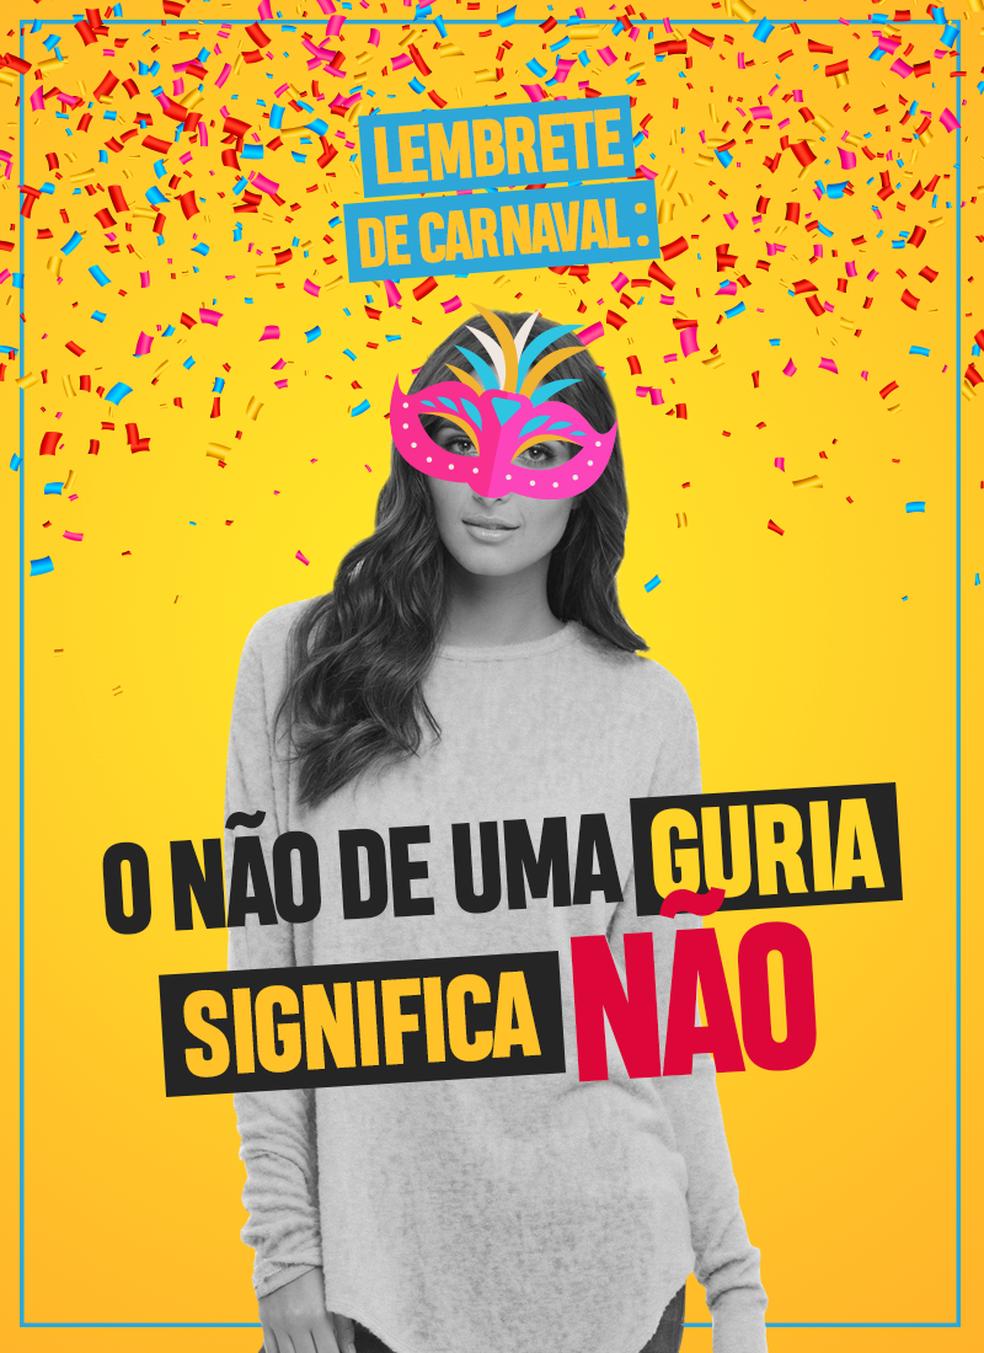 MP faz campanha com alertas para o carnaval (Foto: Ministério Público/Divulgação)